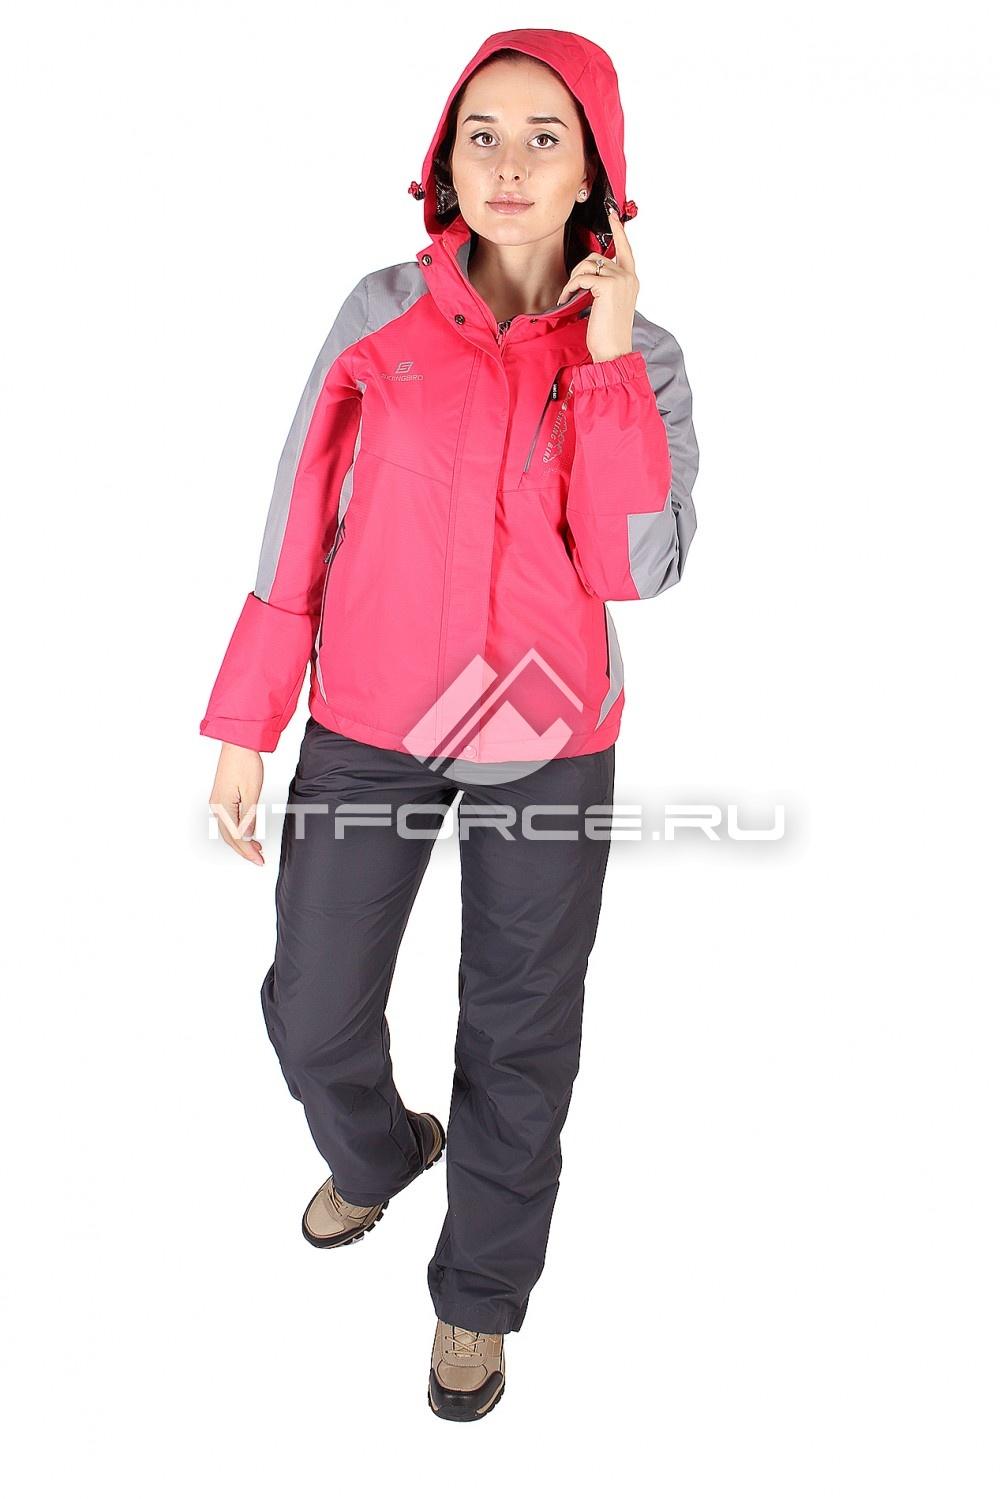 Купить                                  оптом Костюм женский красный цвета 01612Kr